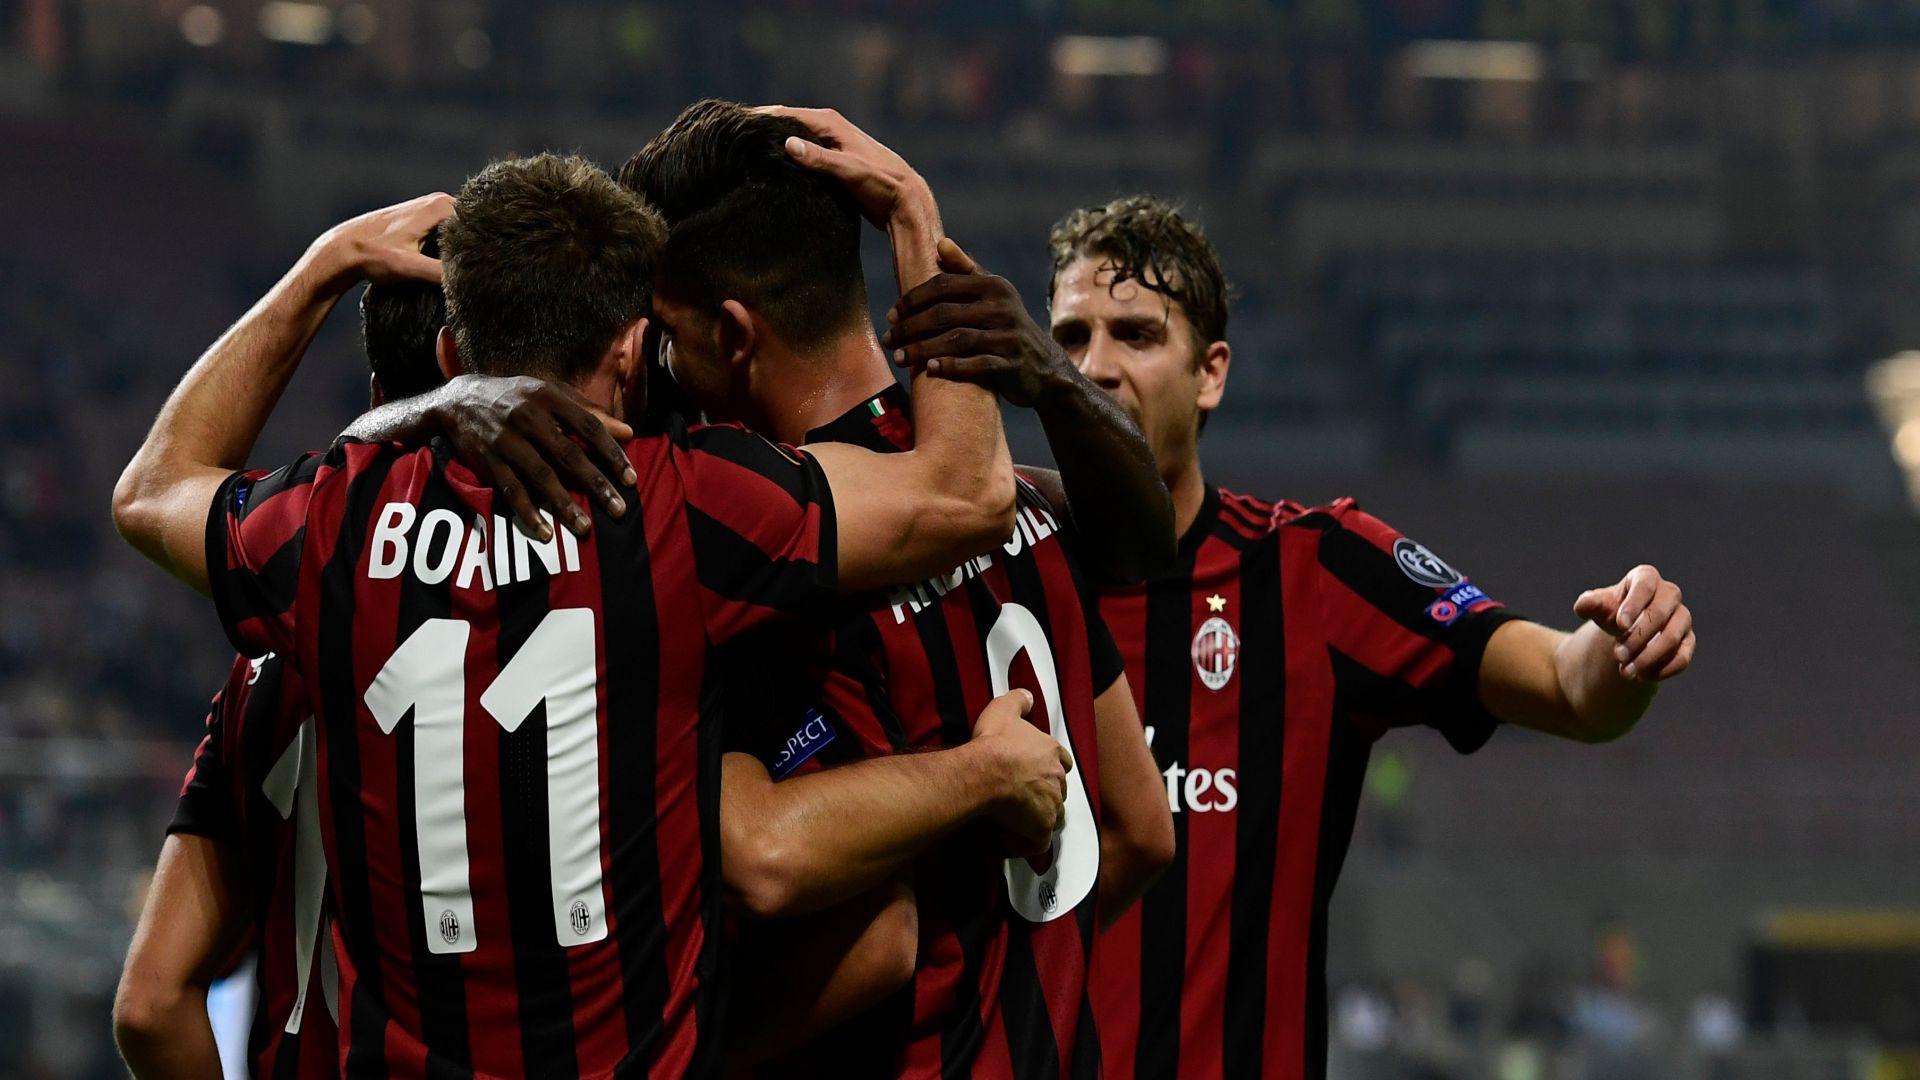 Il Milan trova lo sponsor Puma e perde Kalinic per il derby